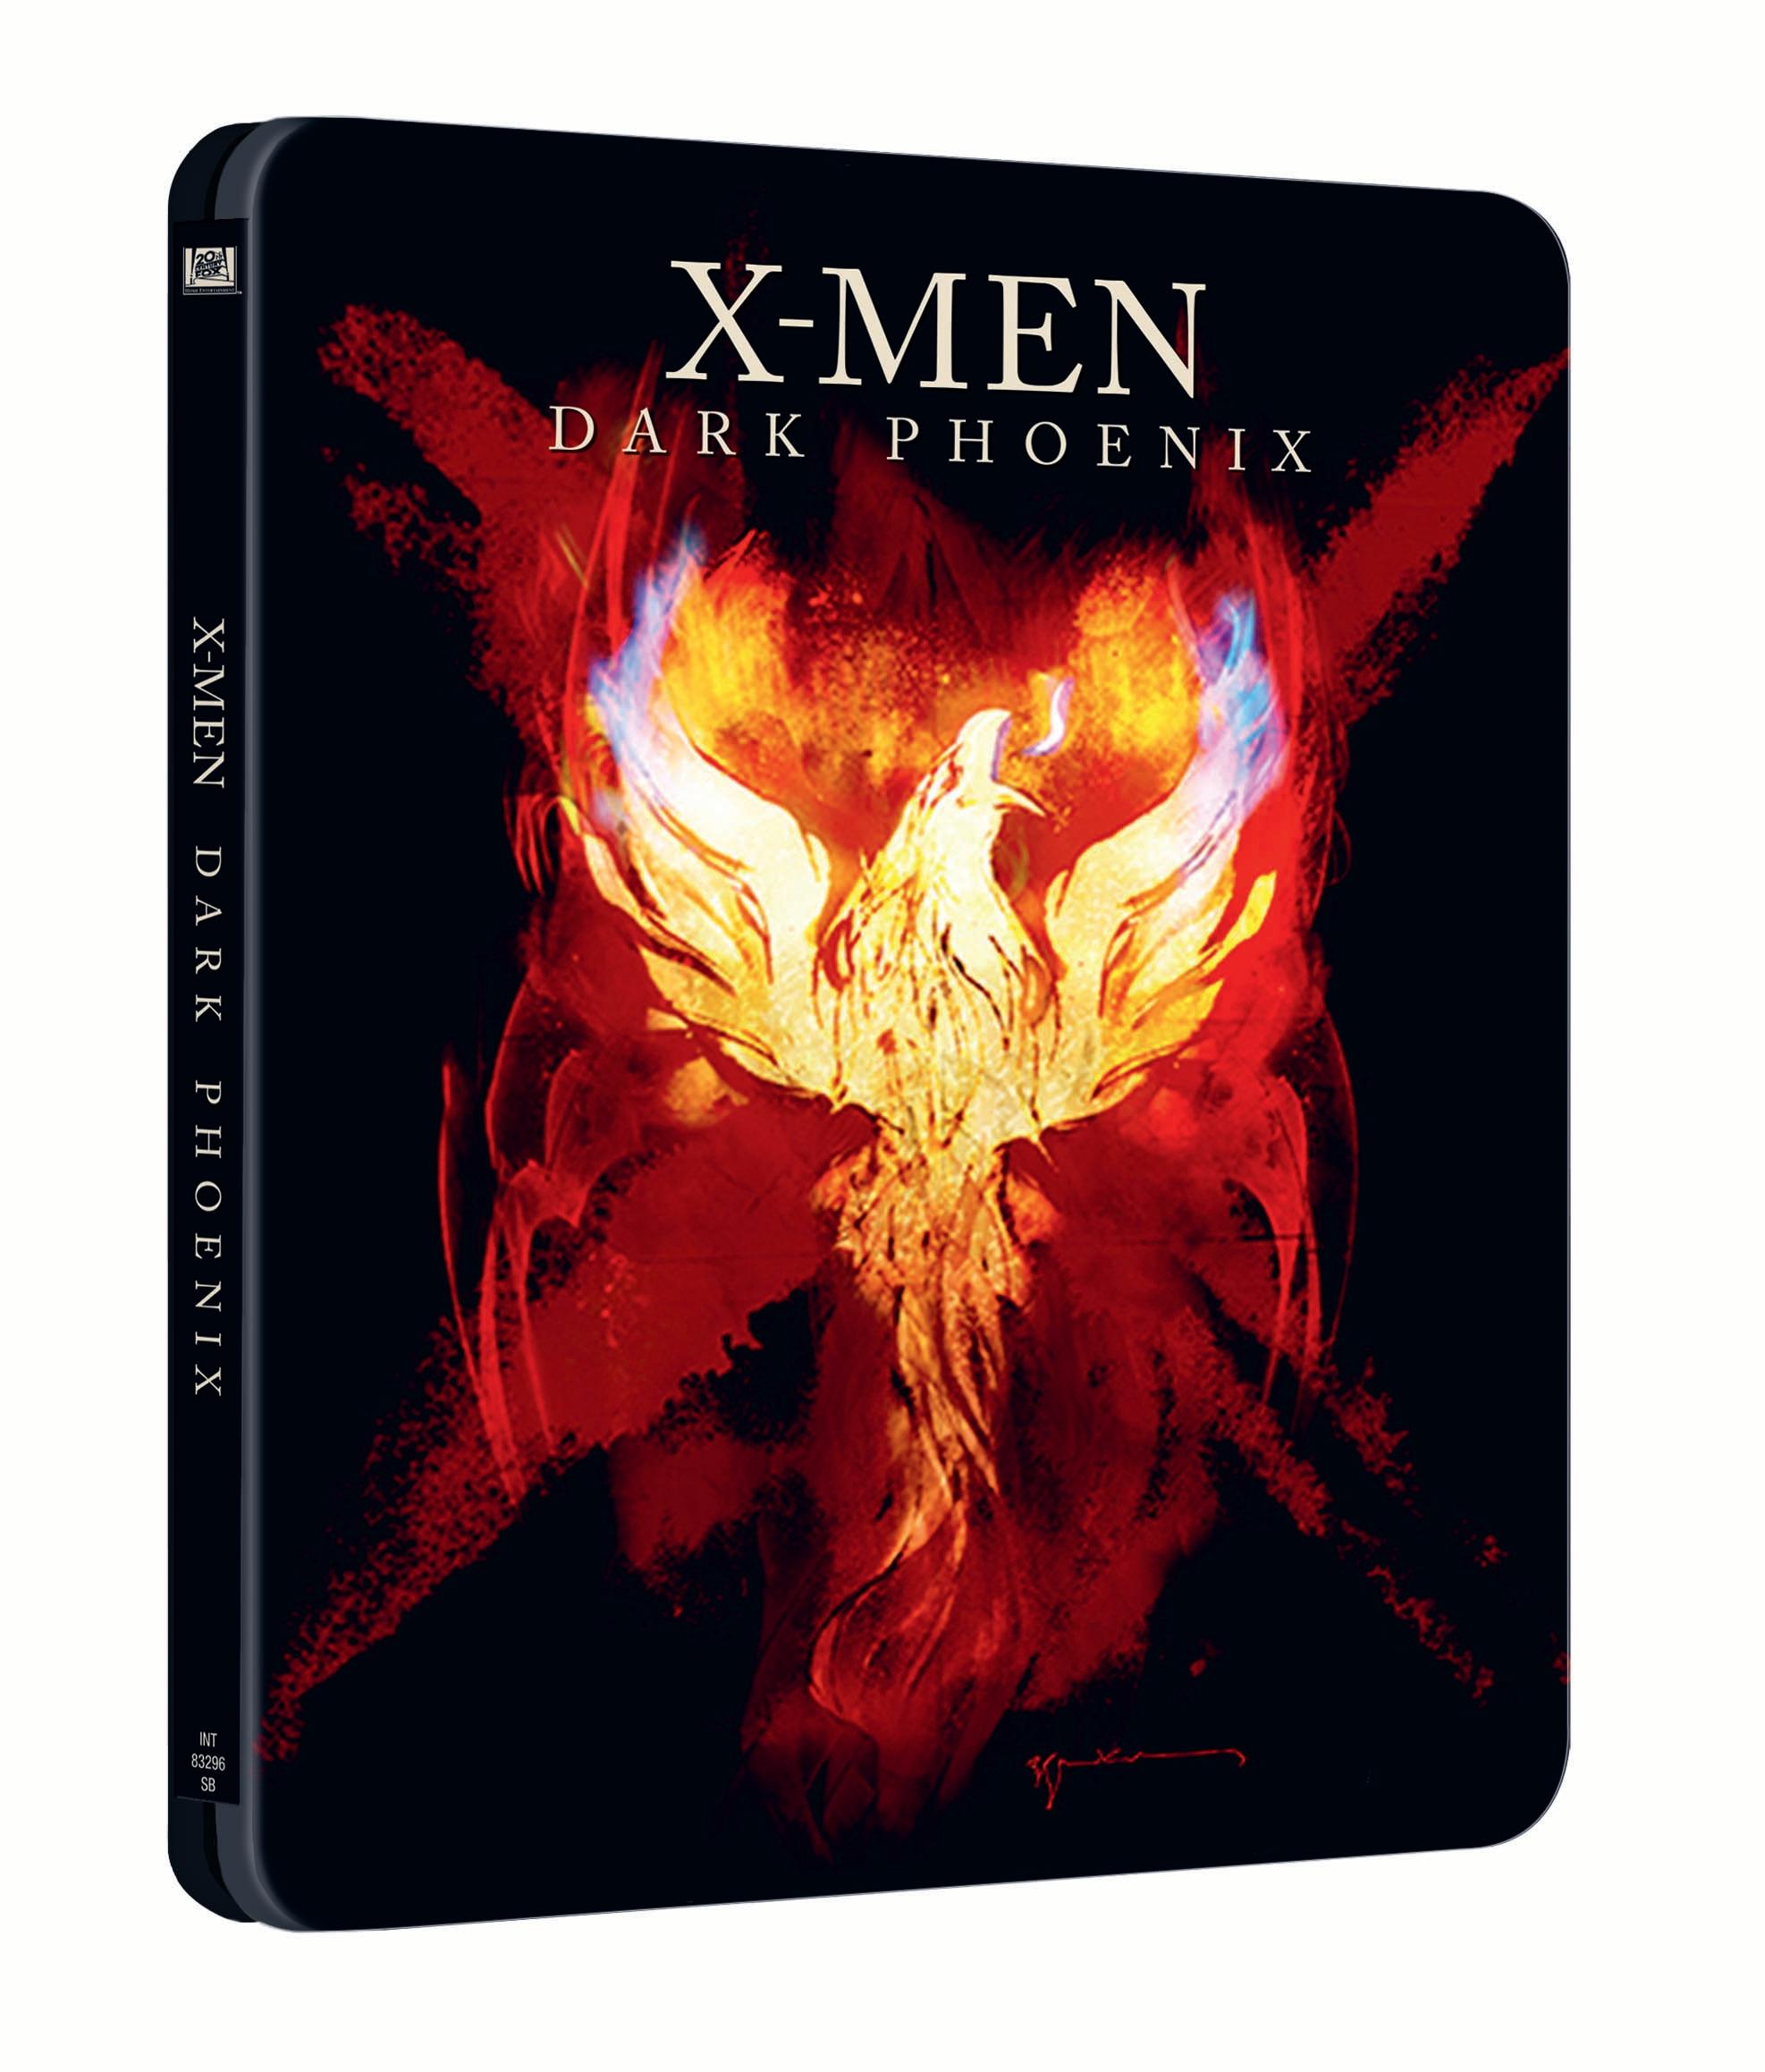 Dark Phoenix 4K UHD Ltd. Edition